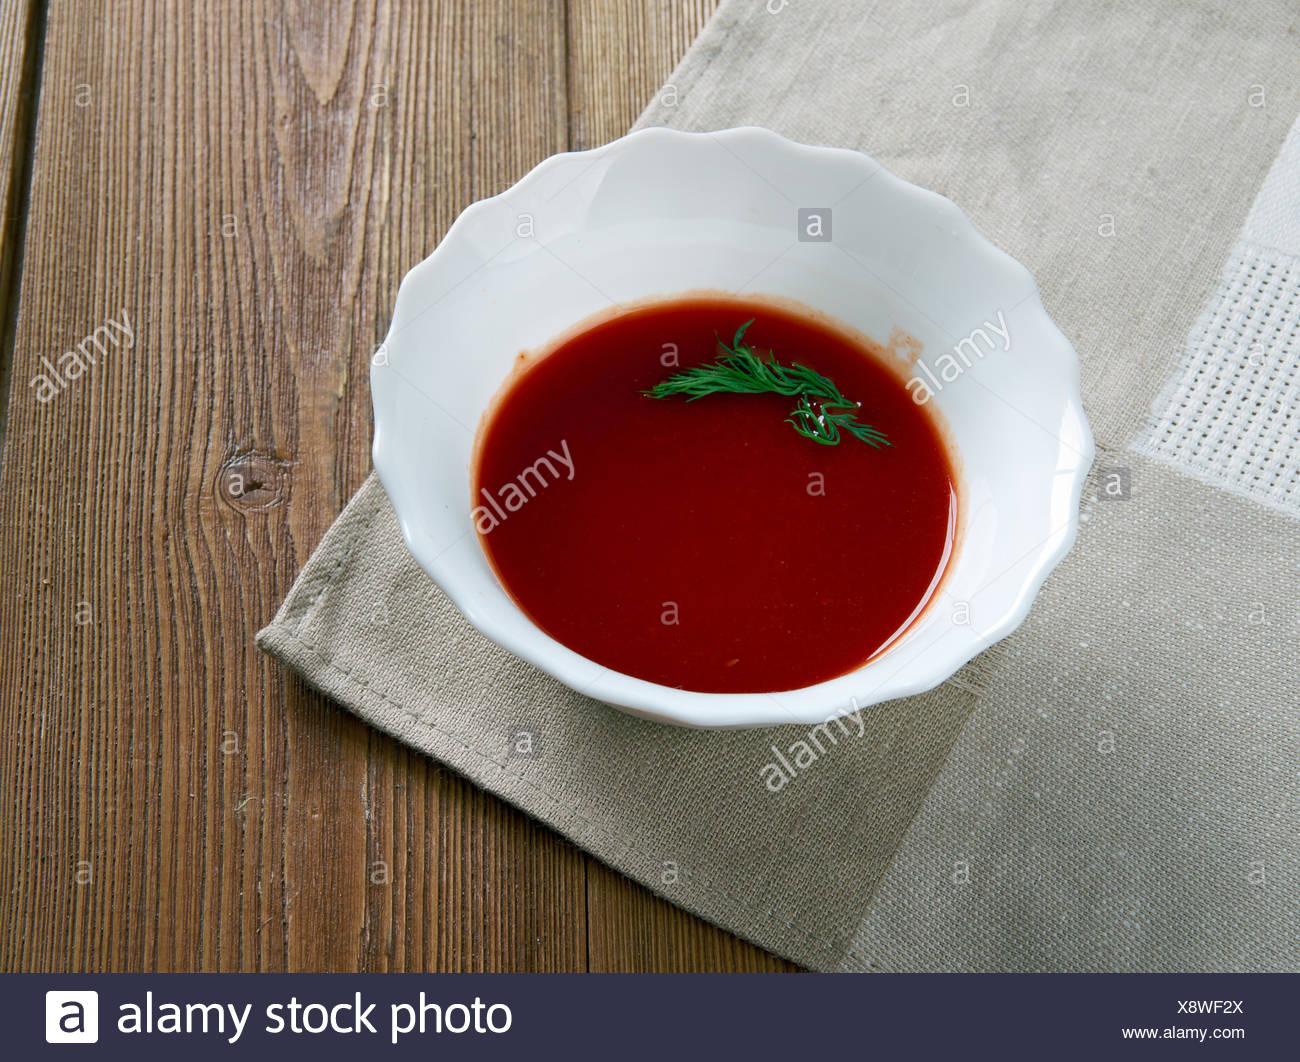 espagnole sauce - Stock Image